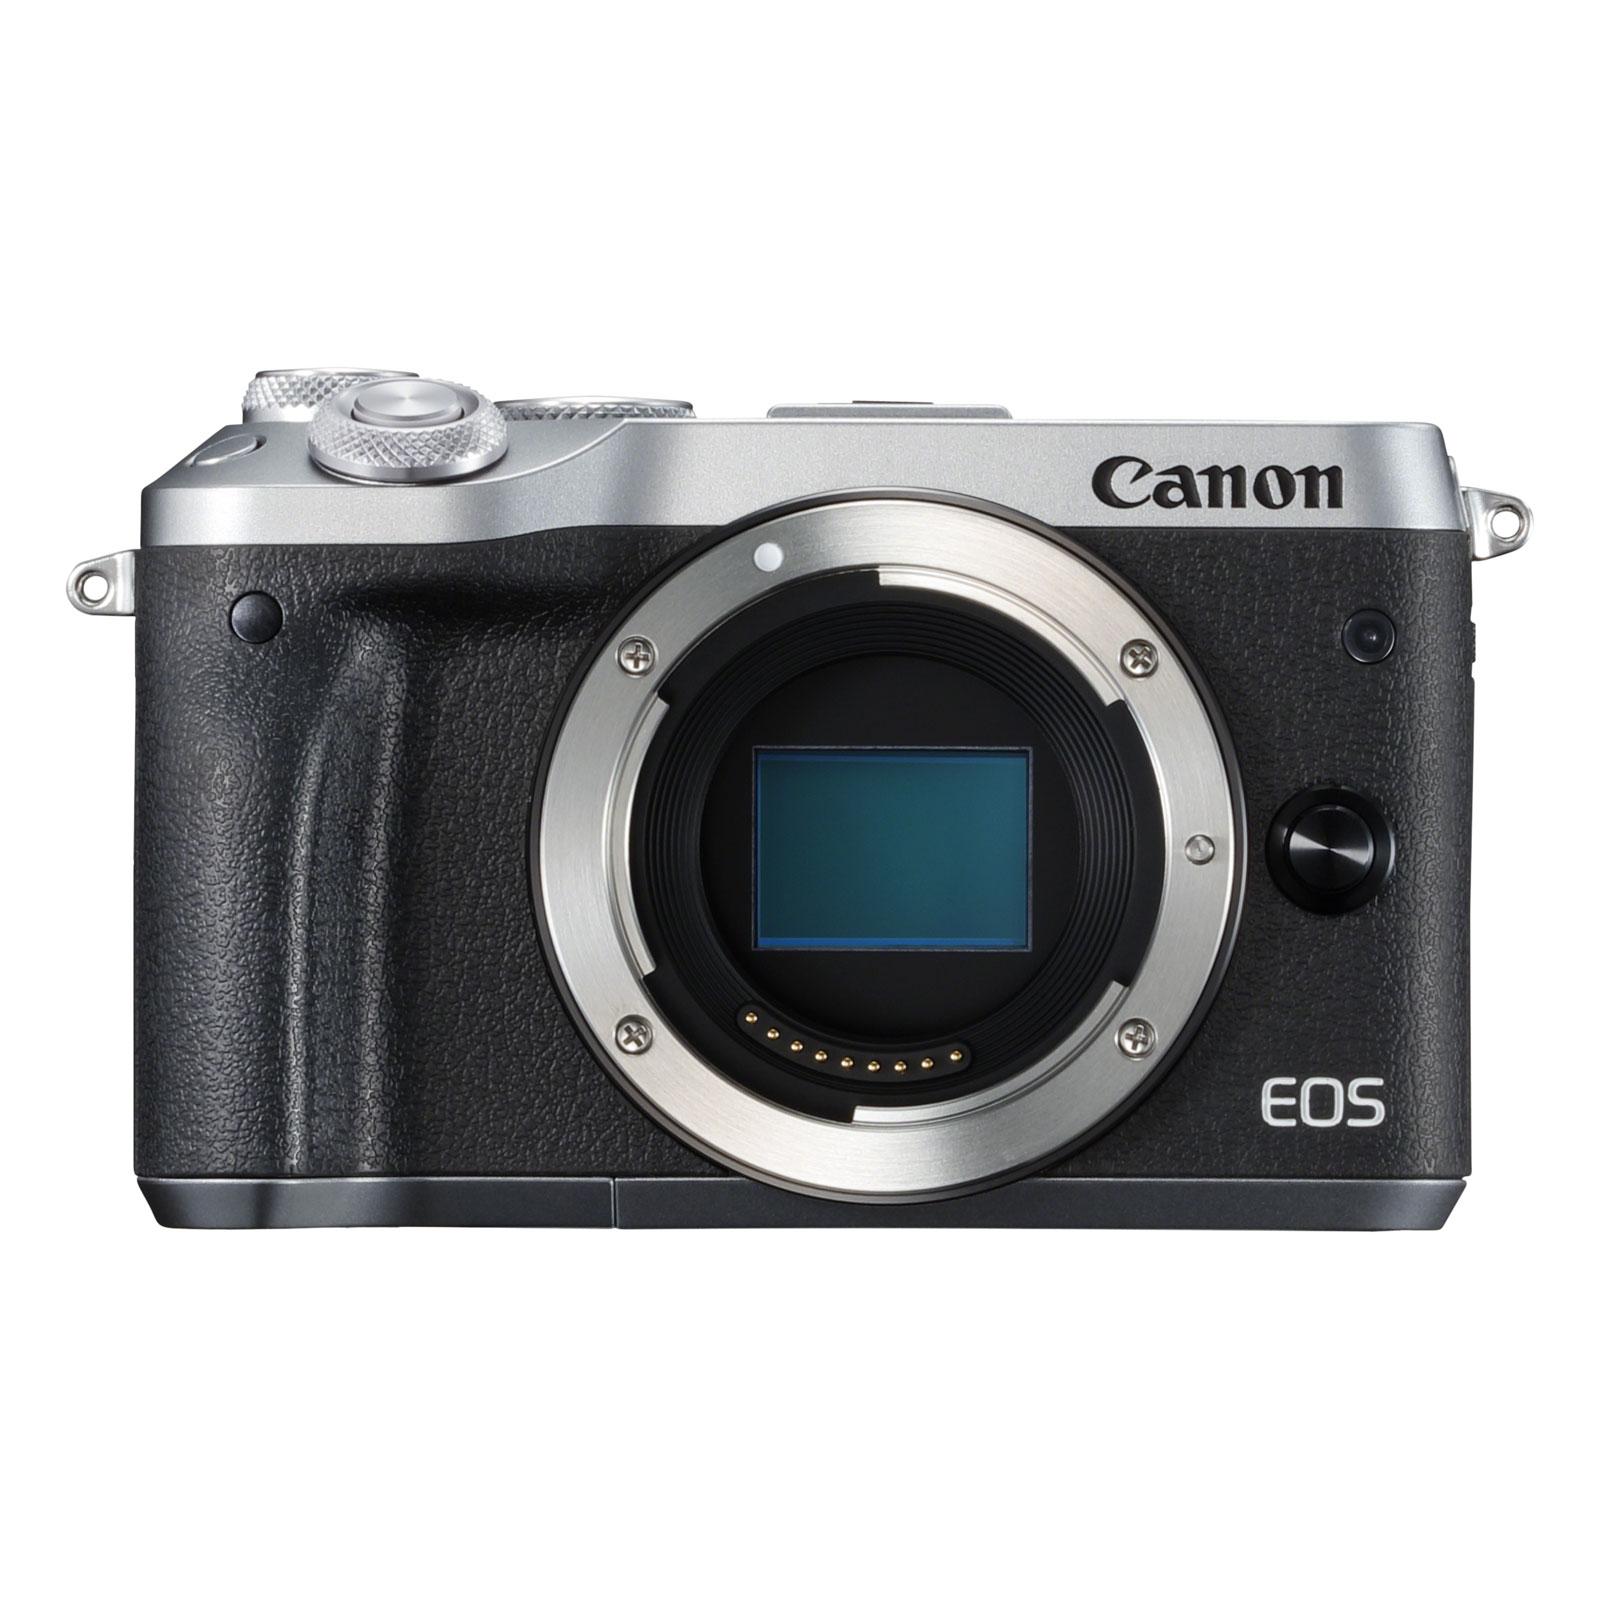 canon eos m6 argent appareil photo hybride canon sur. Black Bedroom Furniture Sets. Home Design Ideas